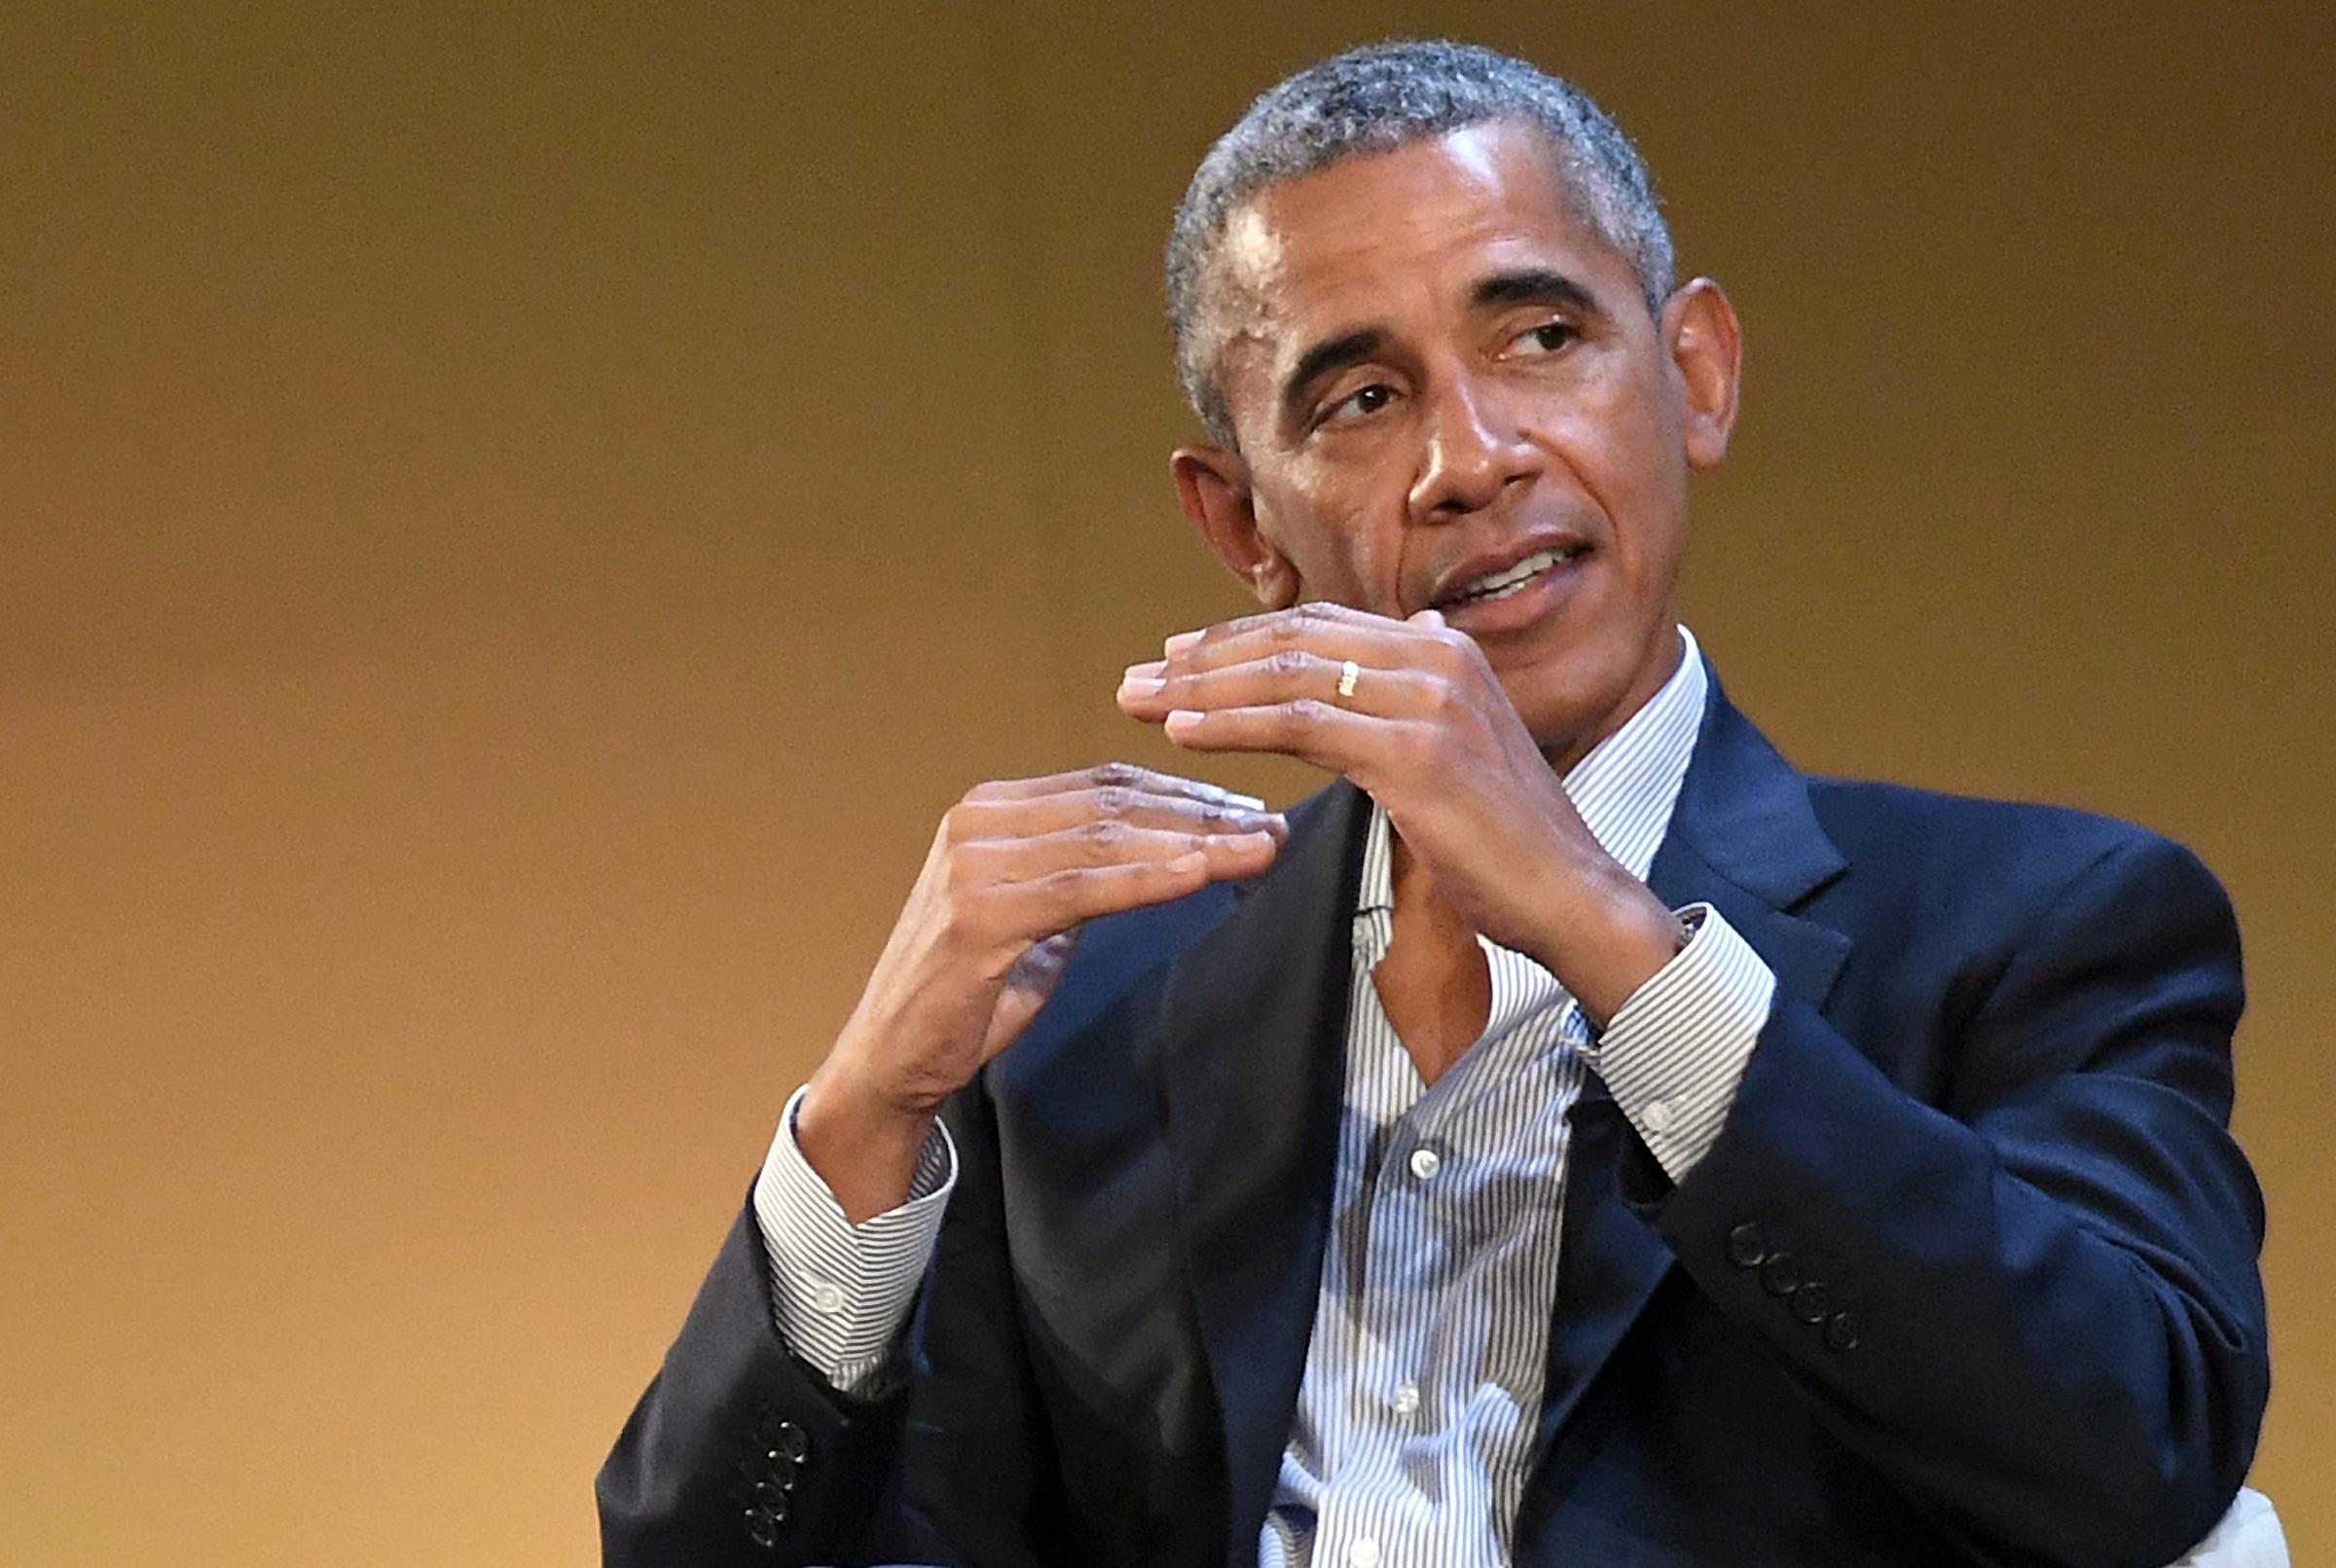 Obama non farà il giurato in un processo